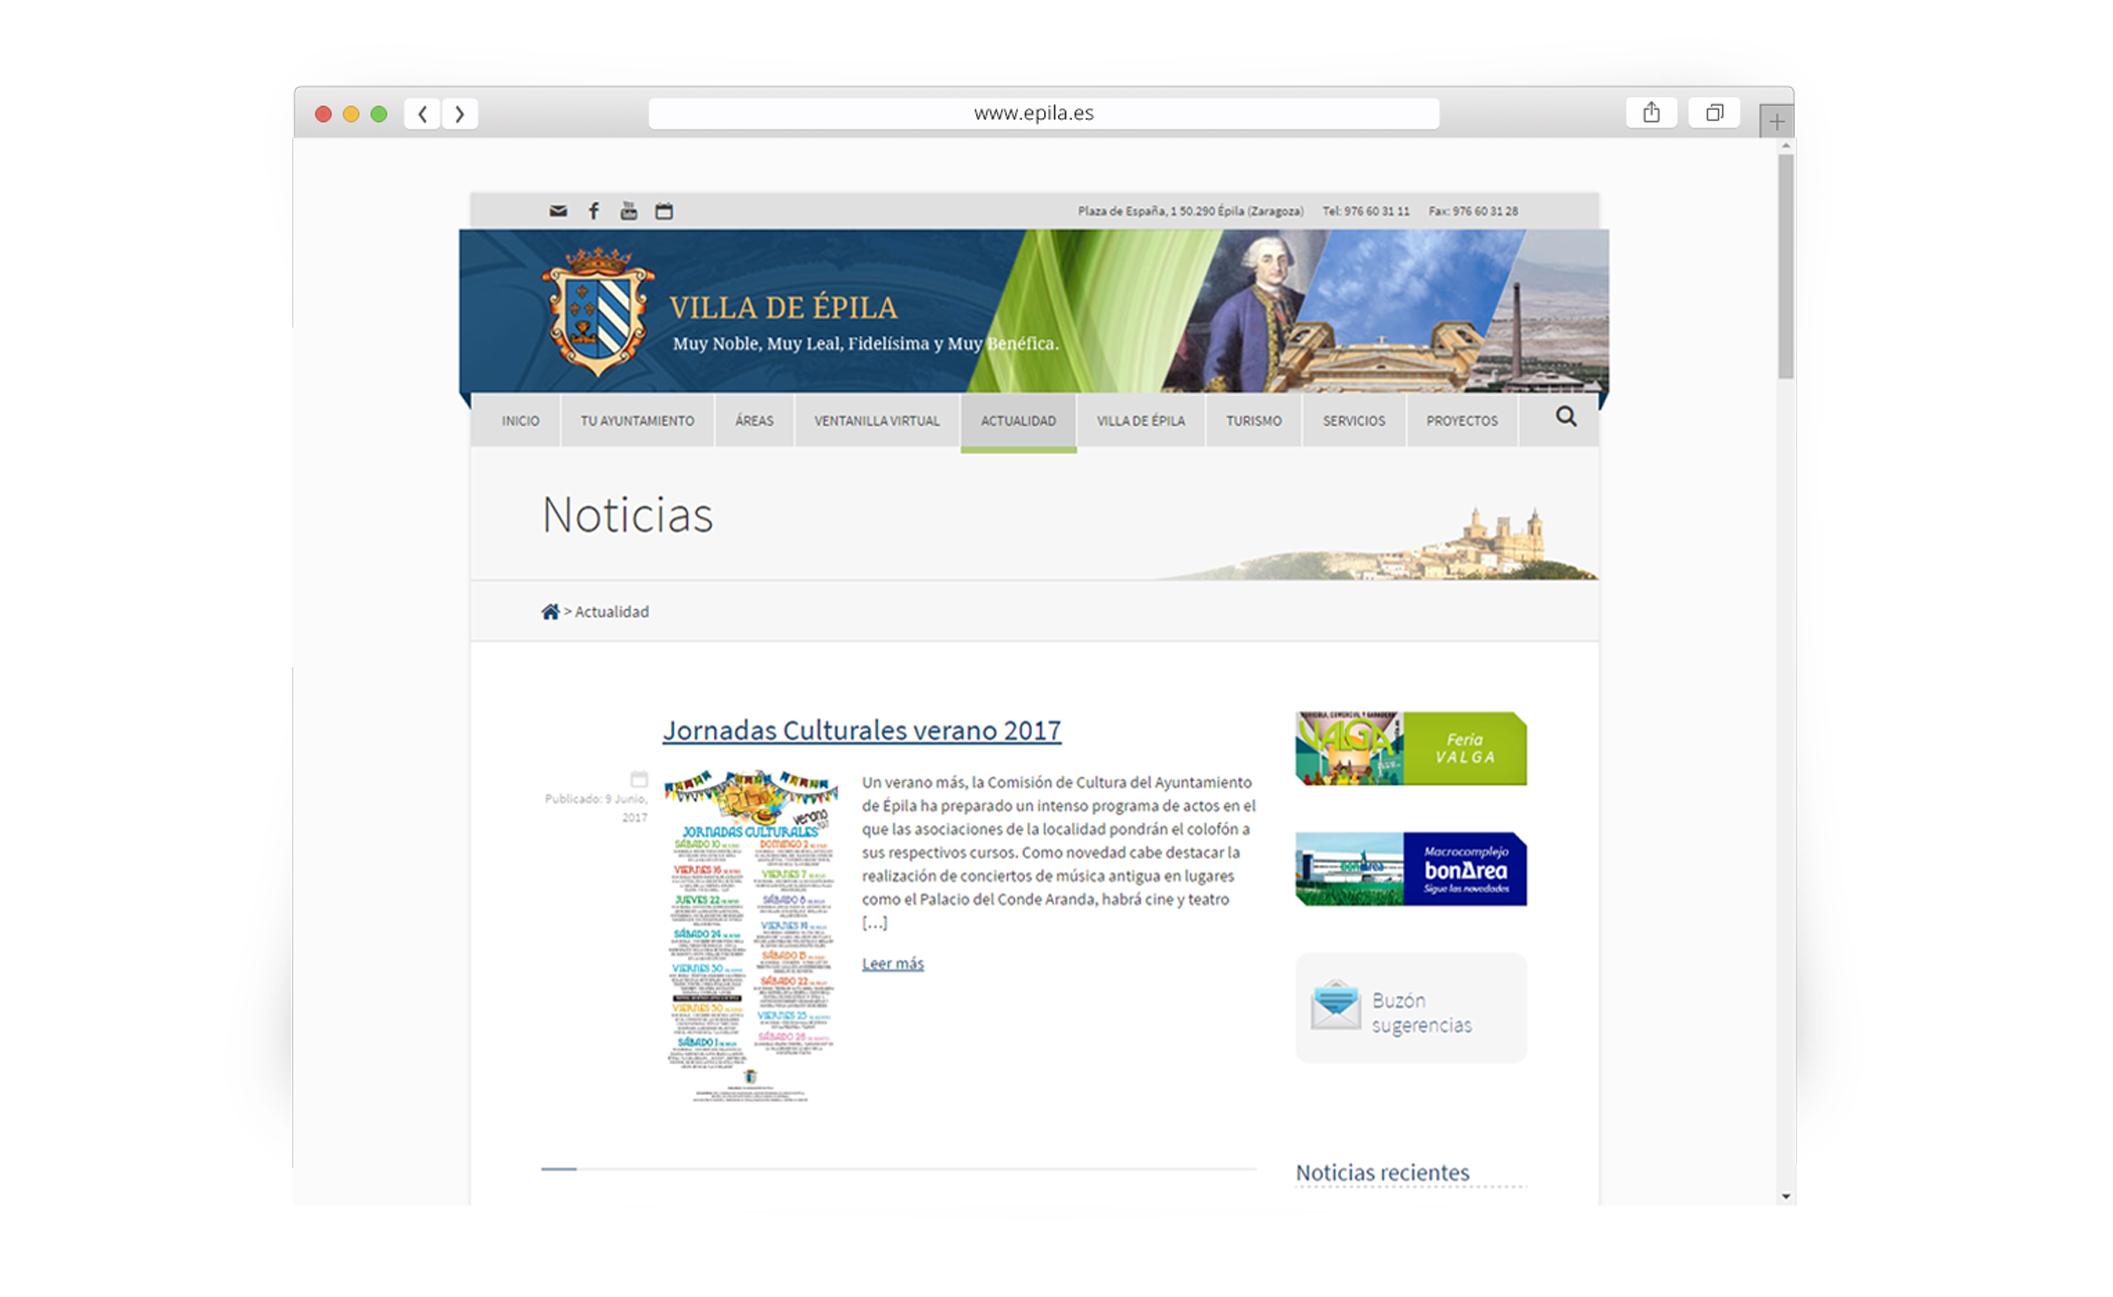 Web y redes sociales Ayuntamiento de Épila - Web